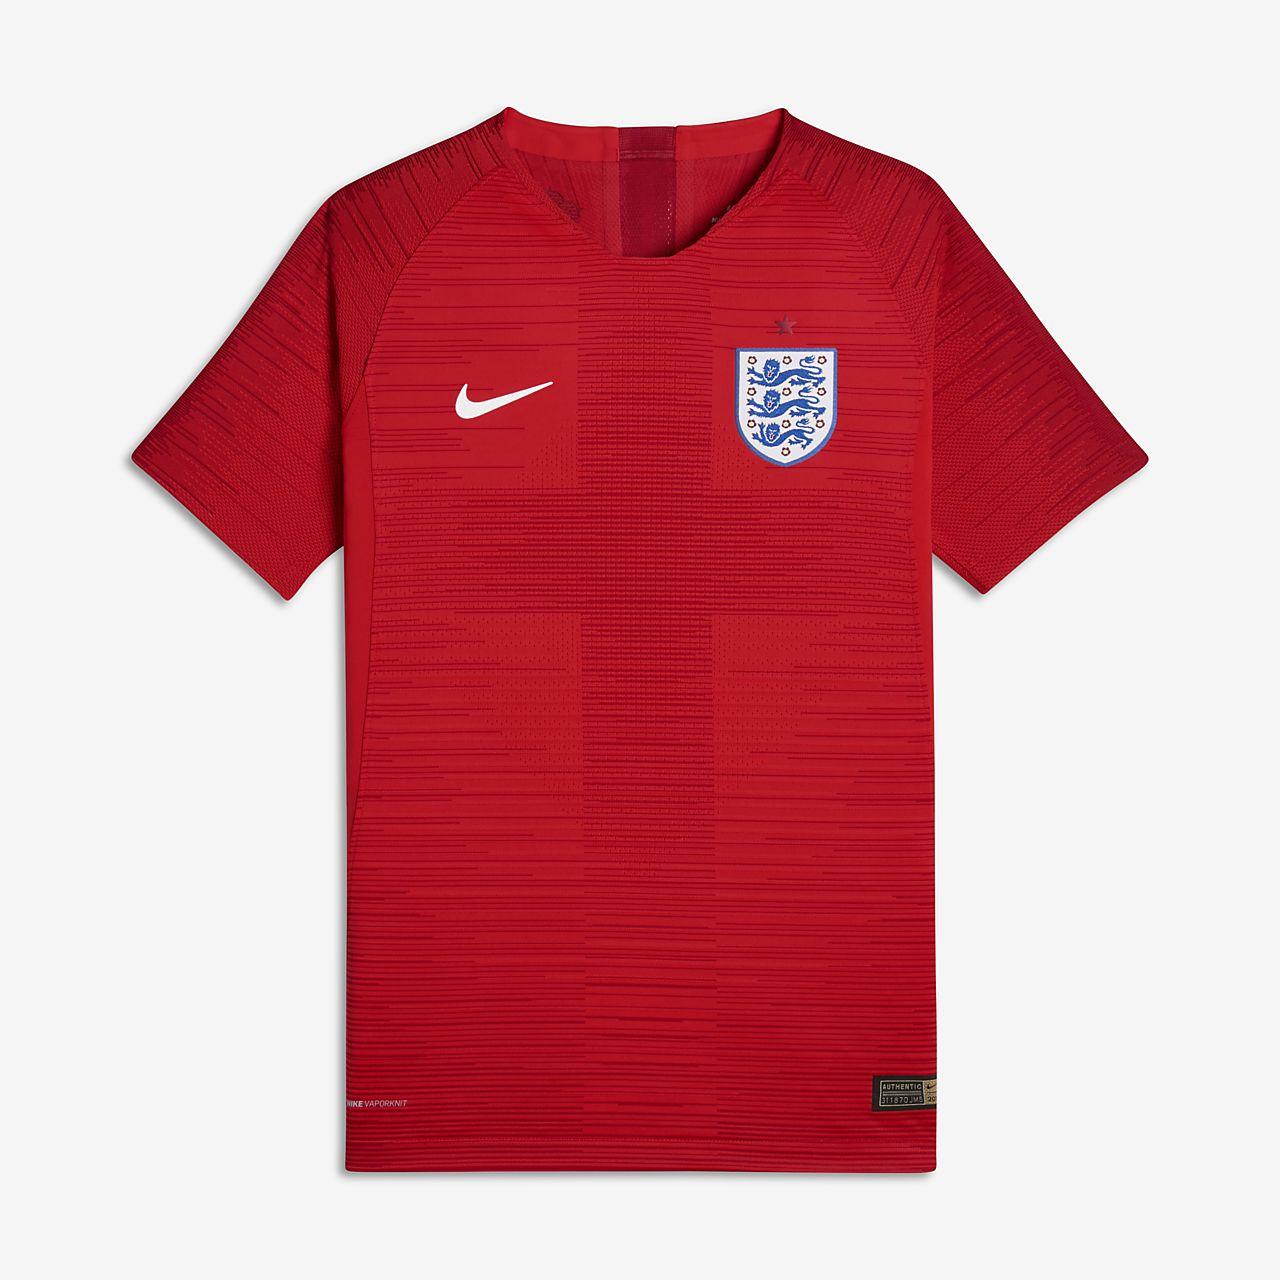 2018 England Vapor Match Away Fußballtrikot für ältere Kinder (Jungen)